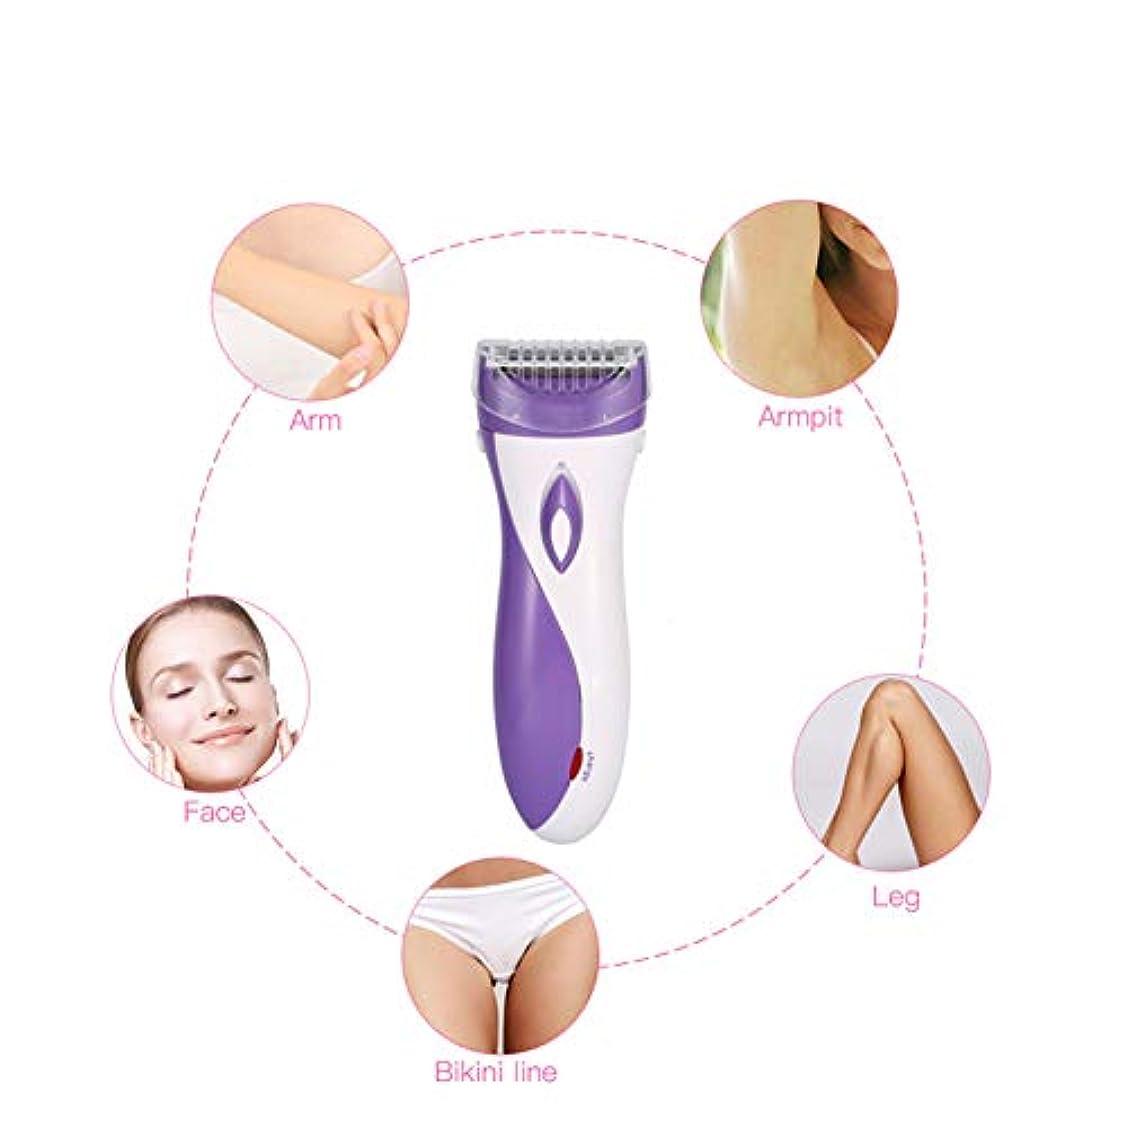 夏逃げる一般女性の電気毛の除去剤、ボディ顔の毛の除去剤、小型方法女性首の足のビキニのトリマー